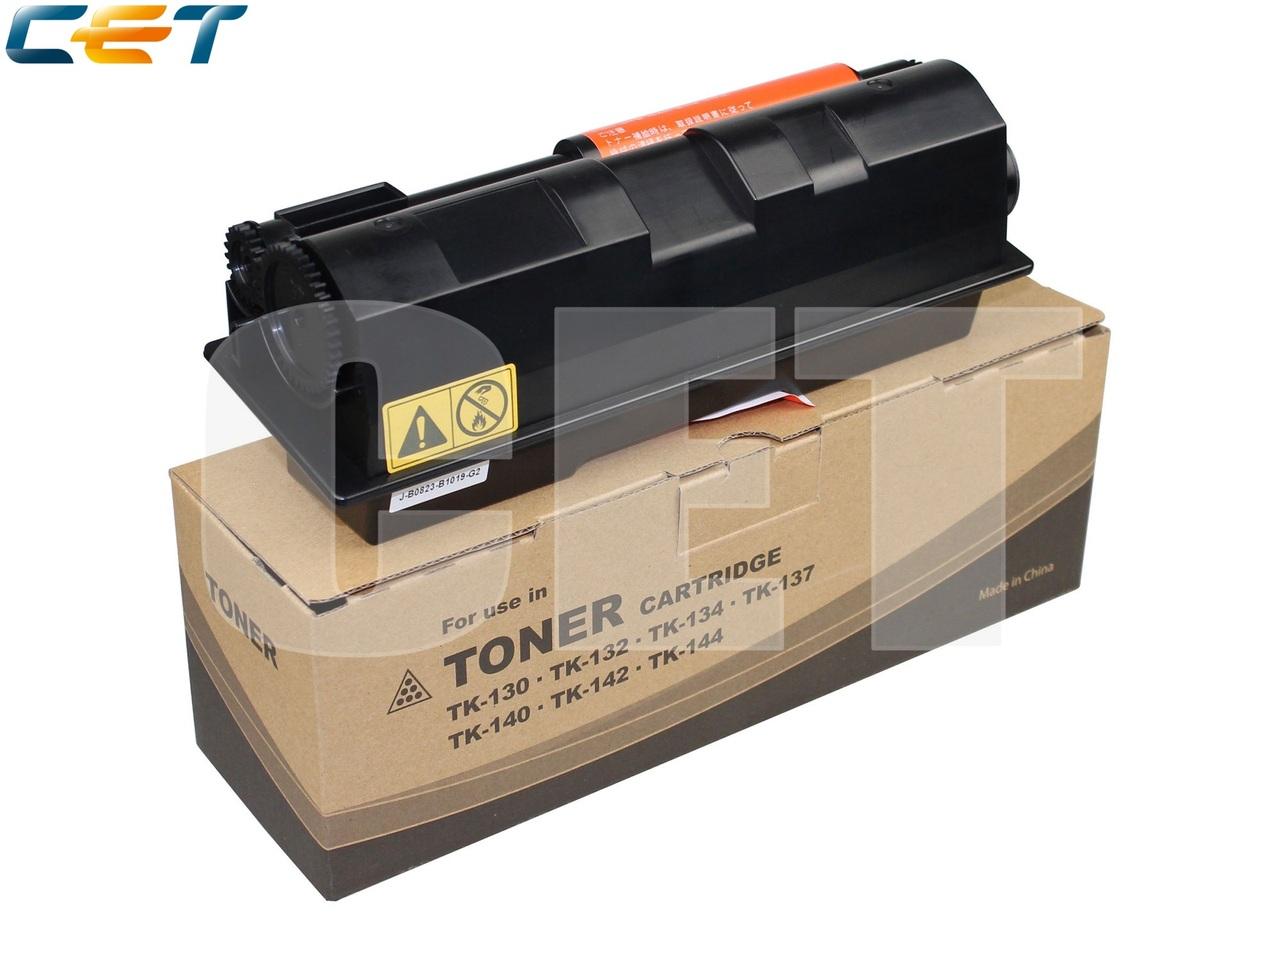 Тонер-картридж (PK2, без чипа) TK-130 для KYOCERAFS-1028MFP/1128MFP/1100/1300D (CET), 280г, 7200 стр.,CET8162